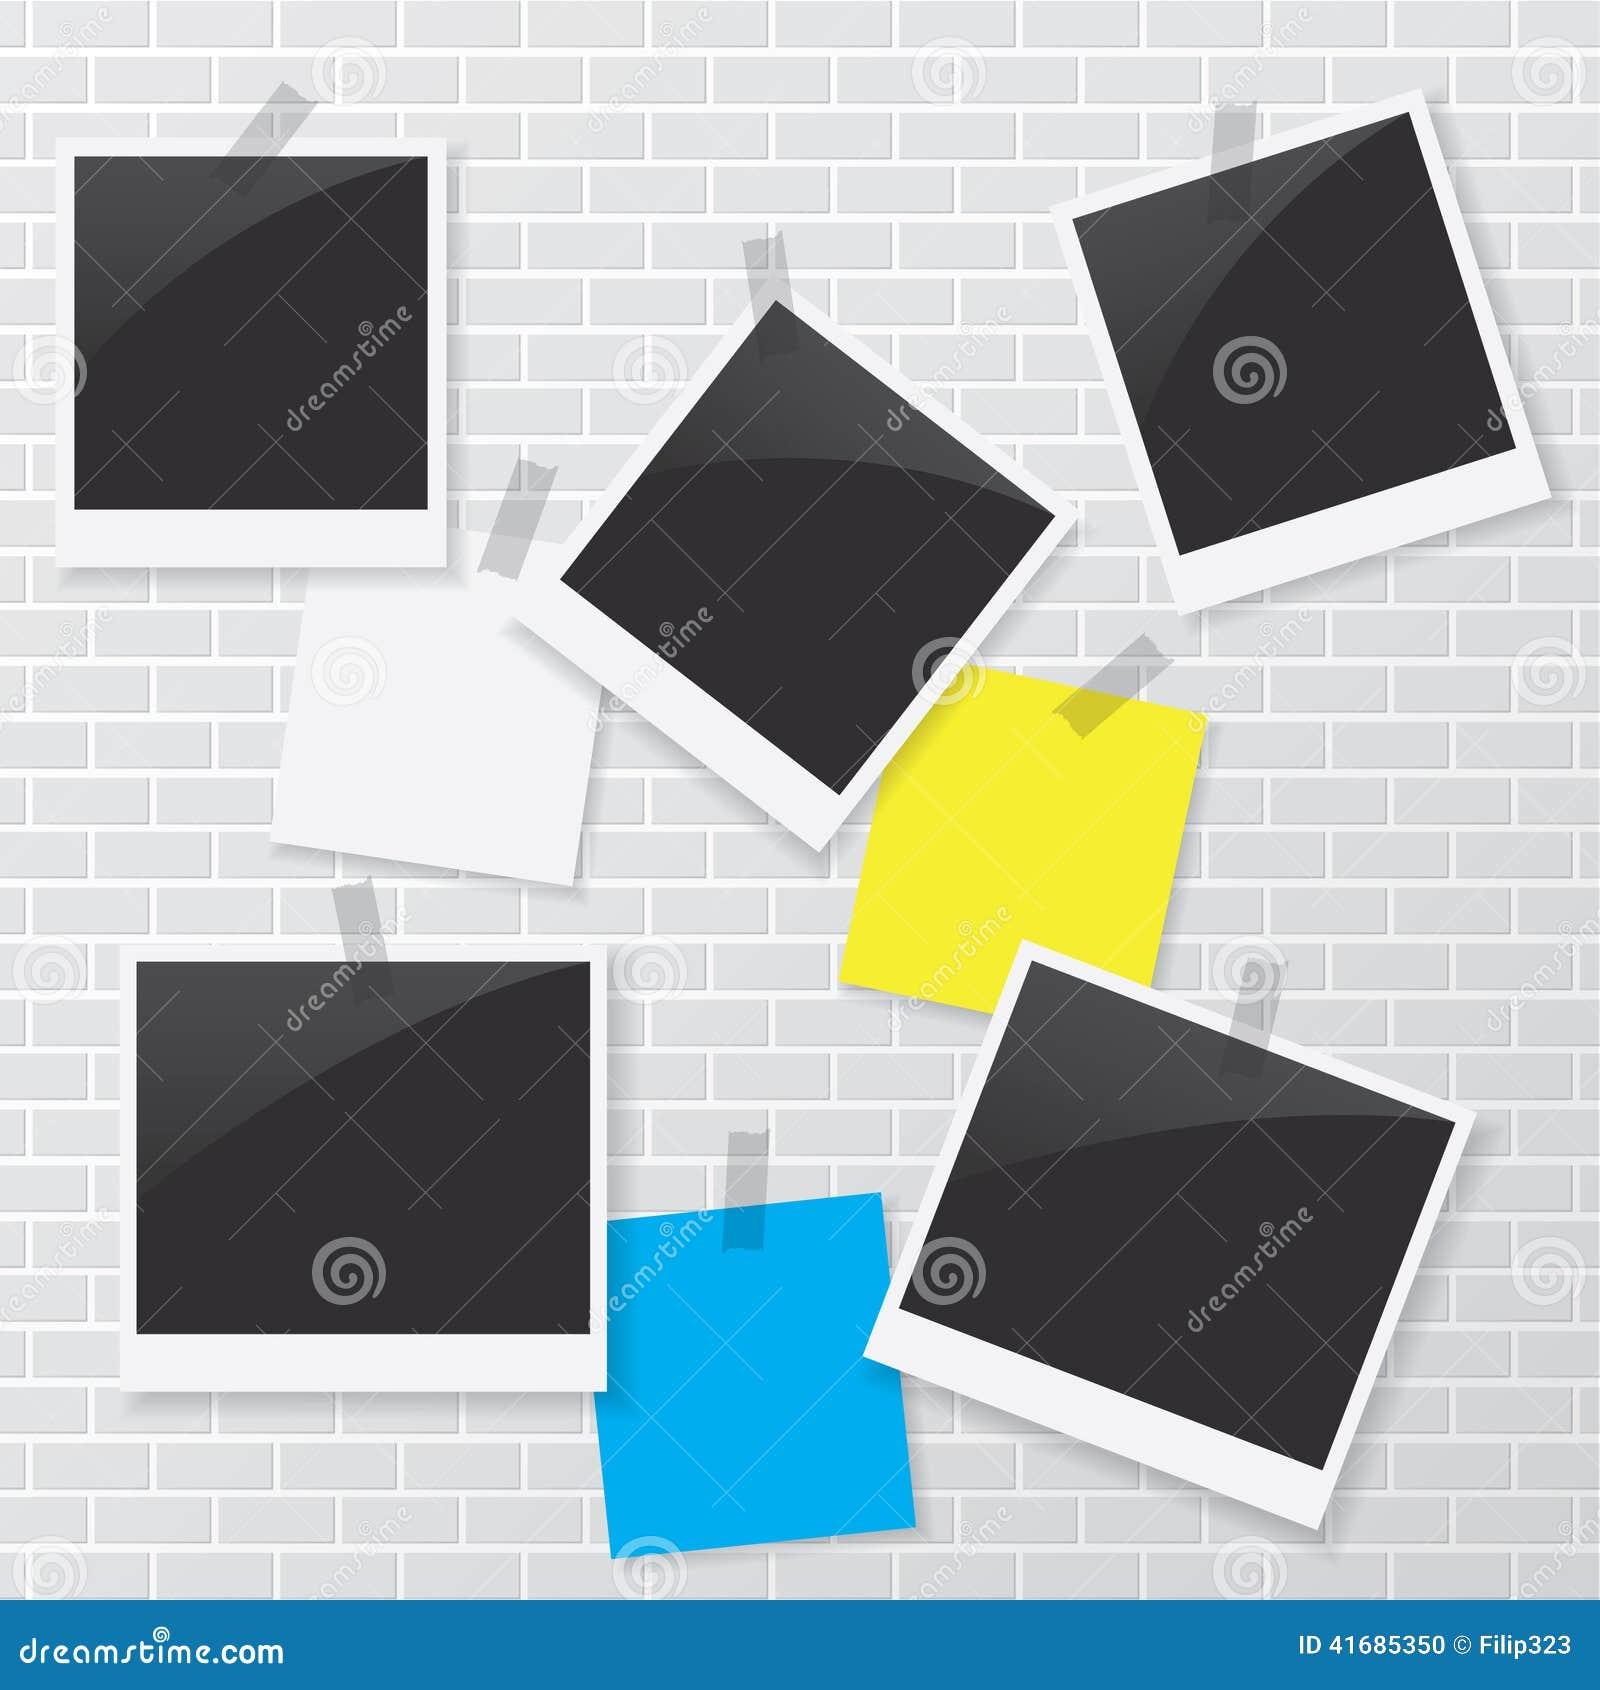 Marco polaroid y documento en blanco sobre la pared de ladrillo